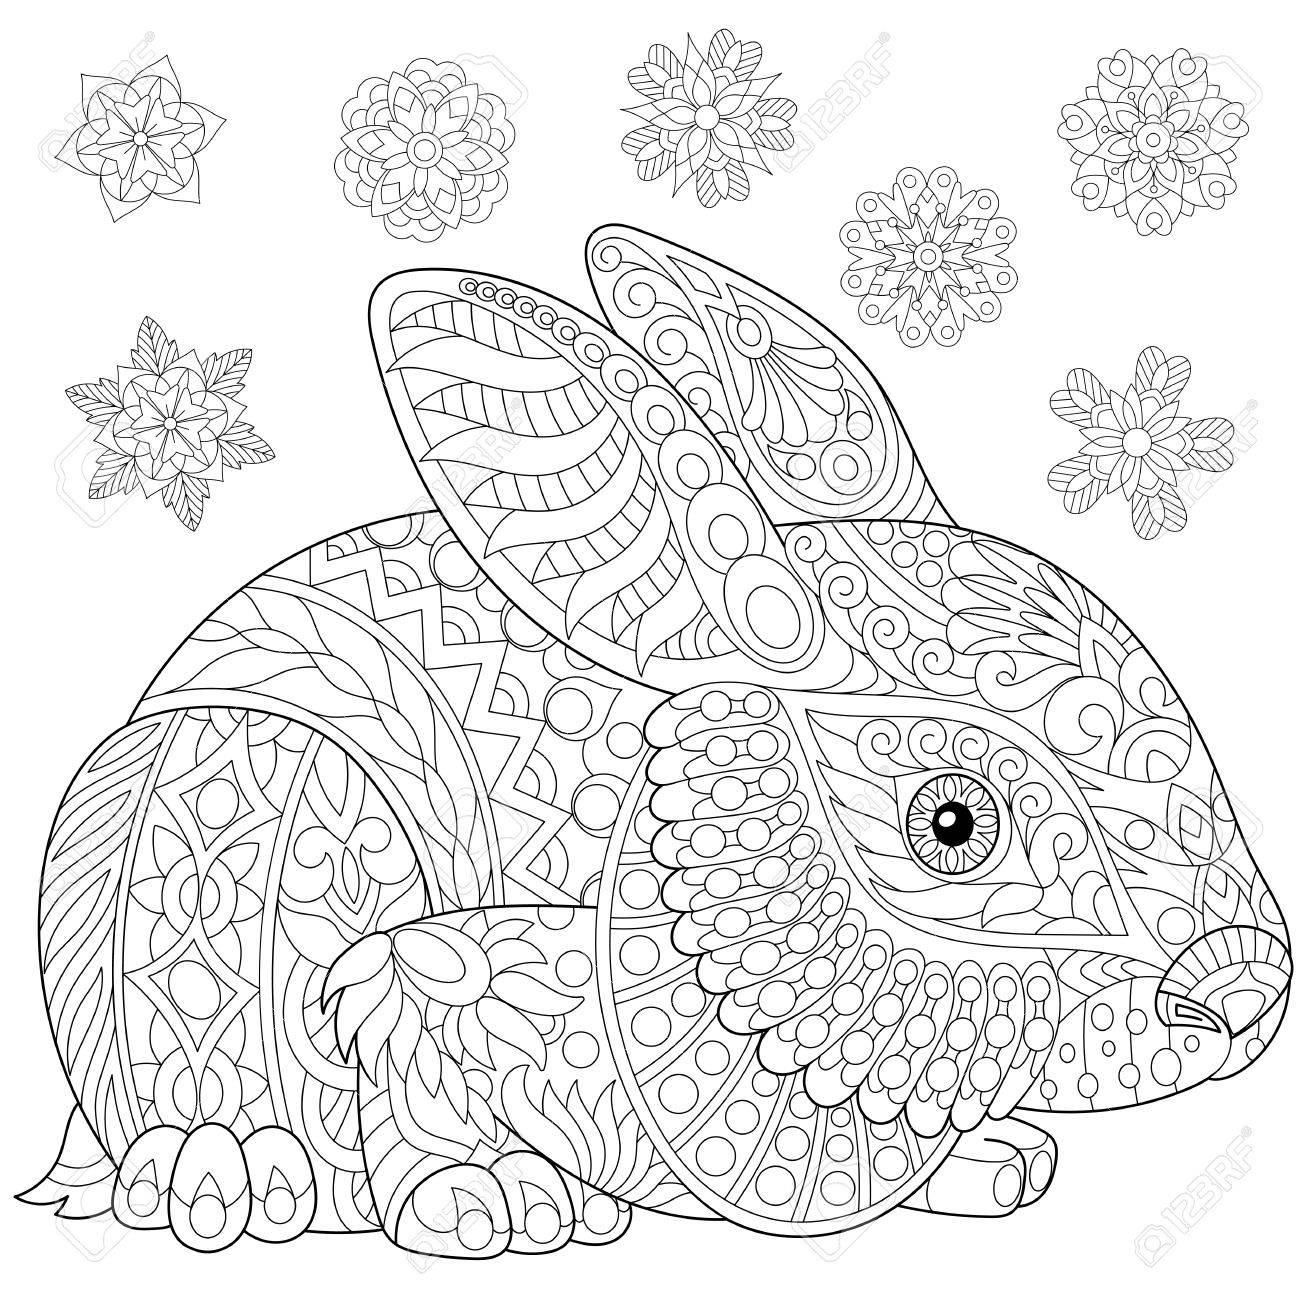 Malvorlage Von Kaninchen (Hase) Und Winter Schneeflocken